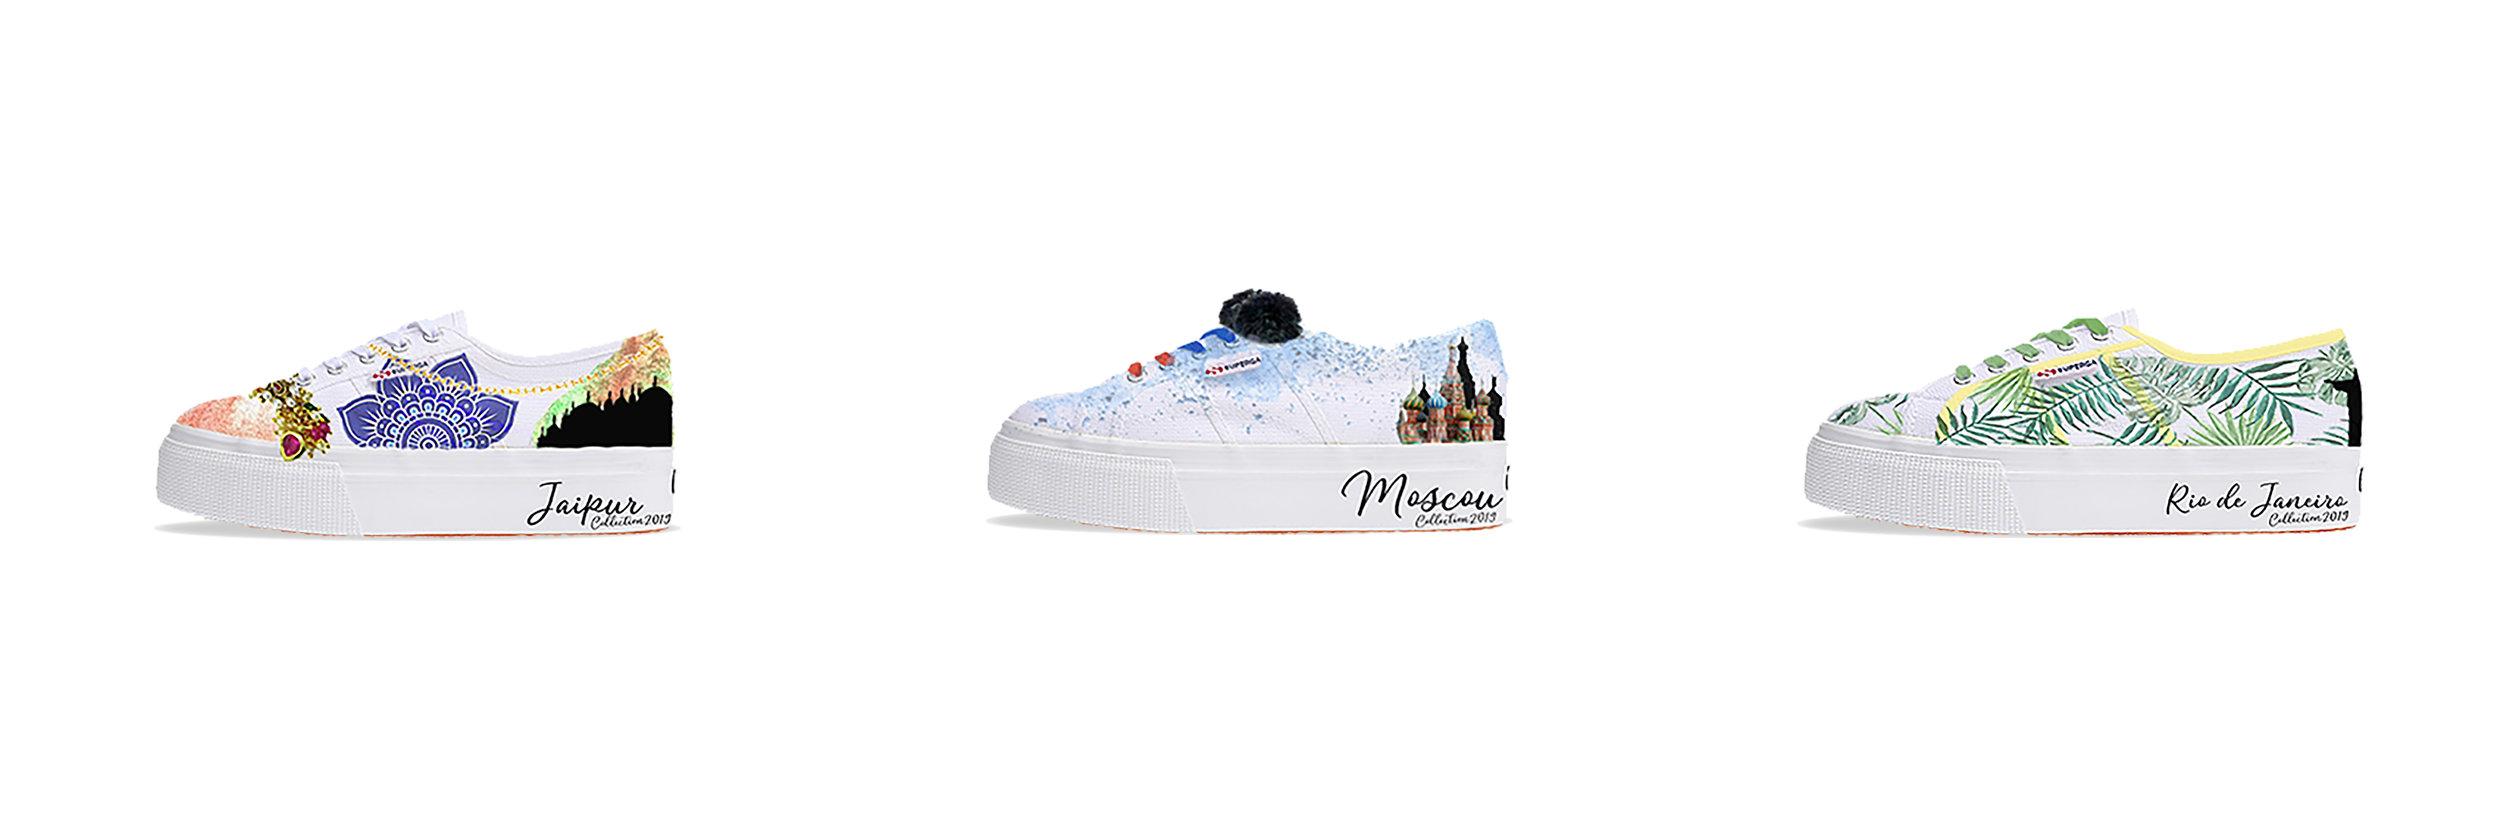 MEUNIER_Solène_MMI1_Les 3 Chaussures.jpg